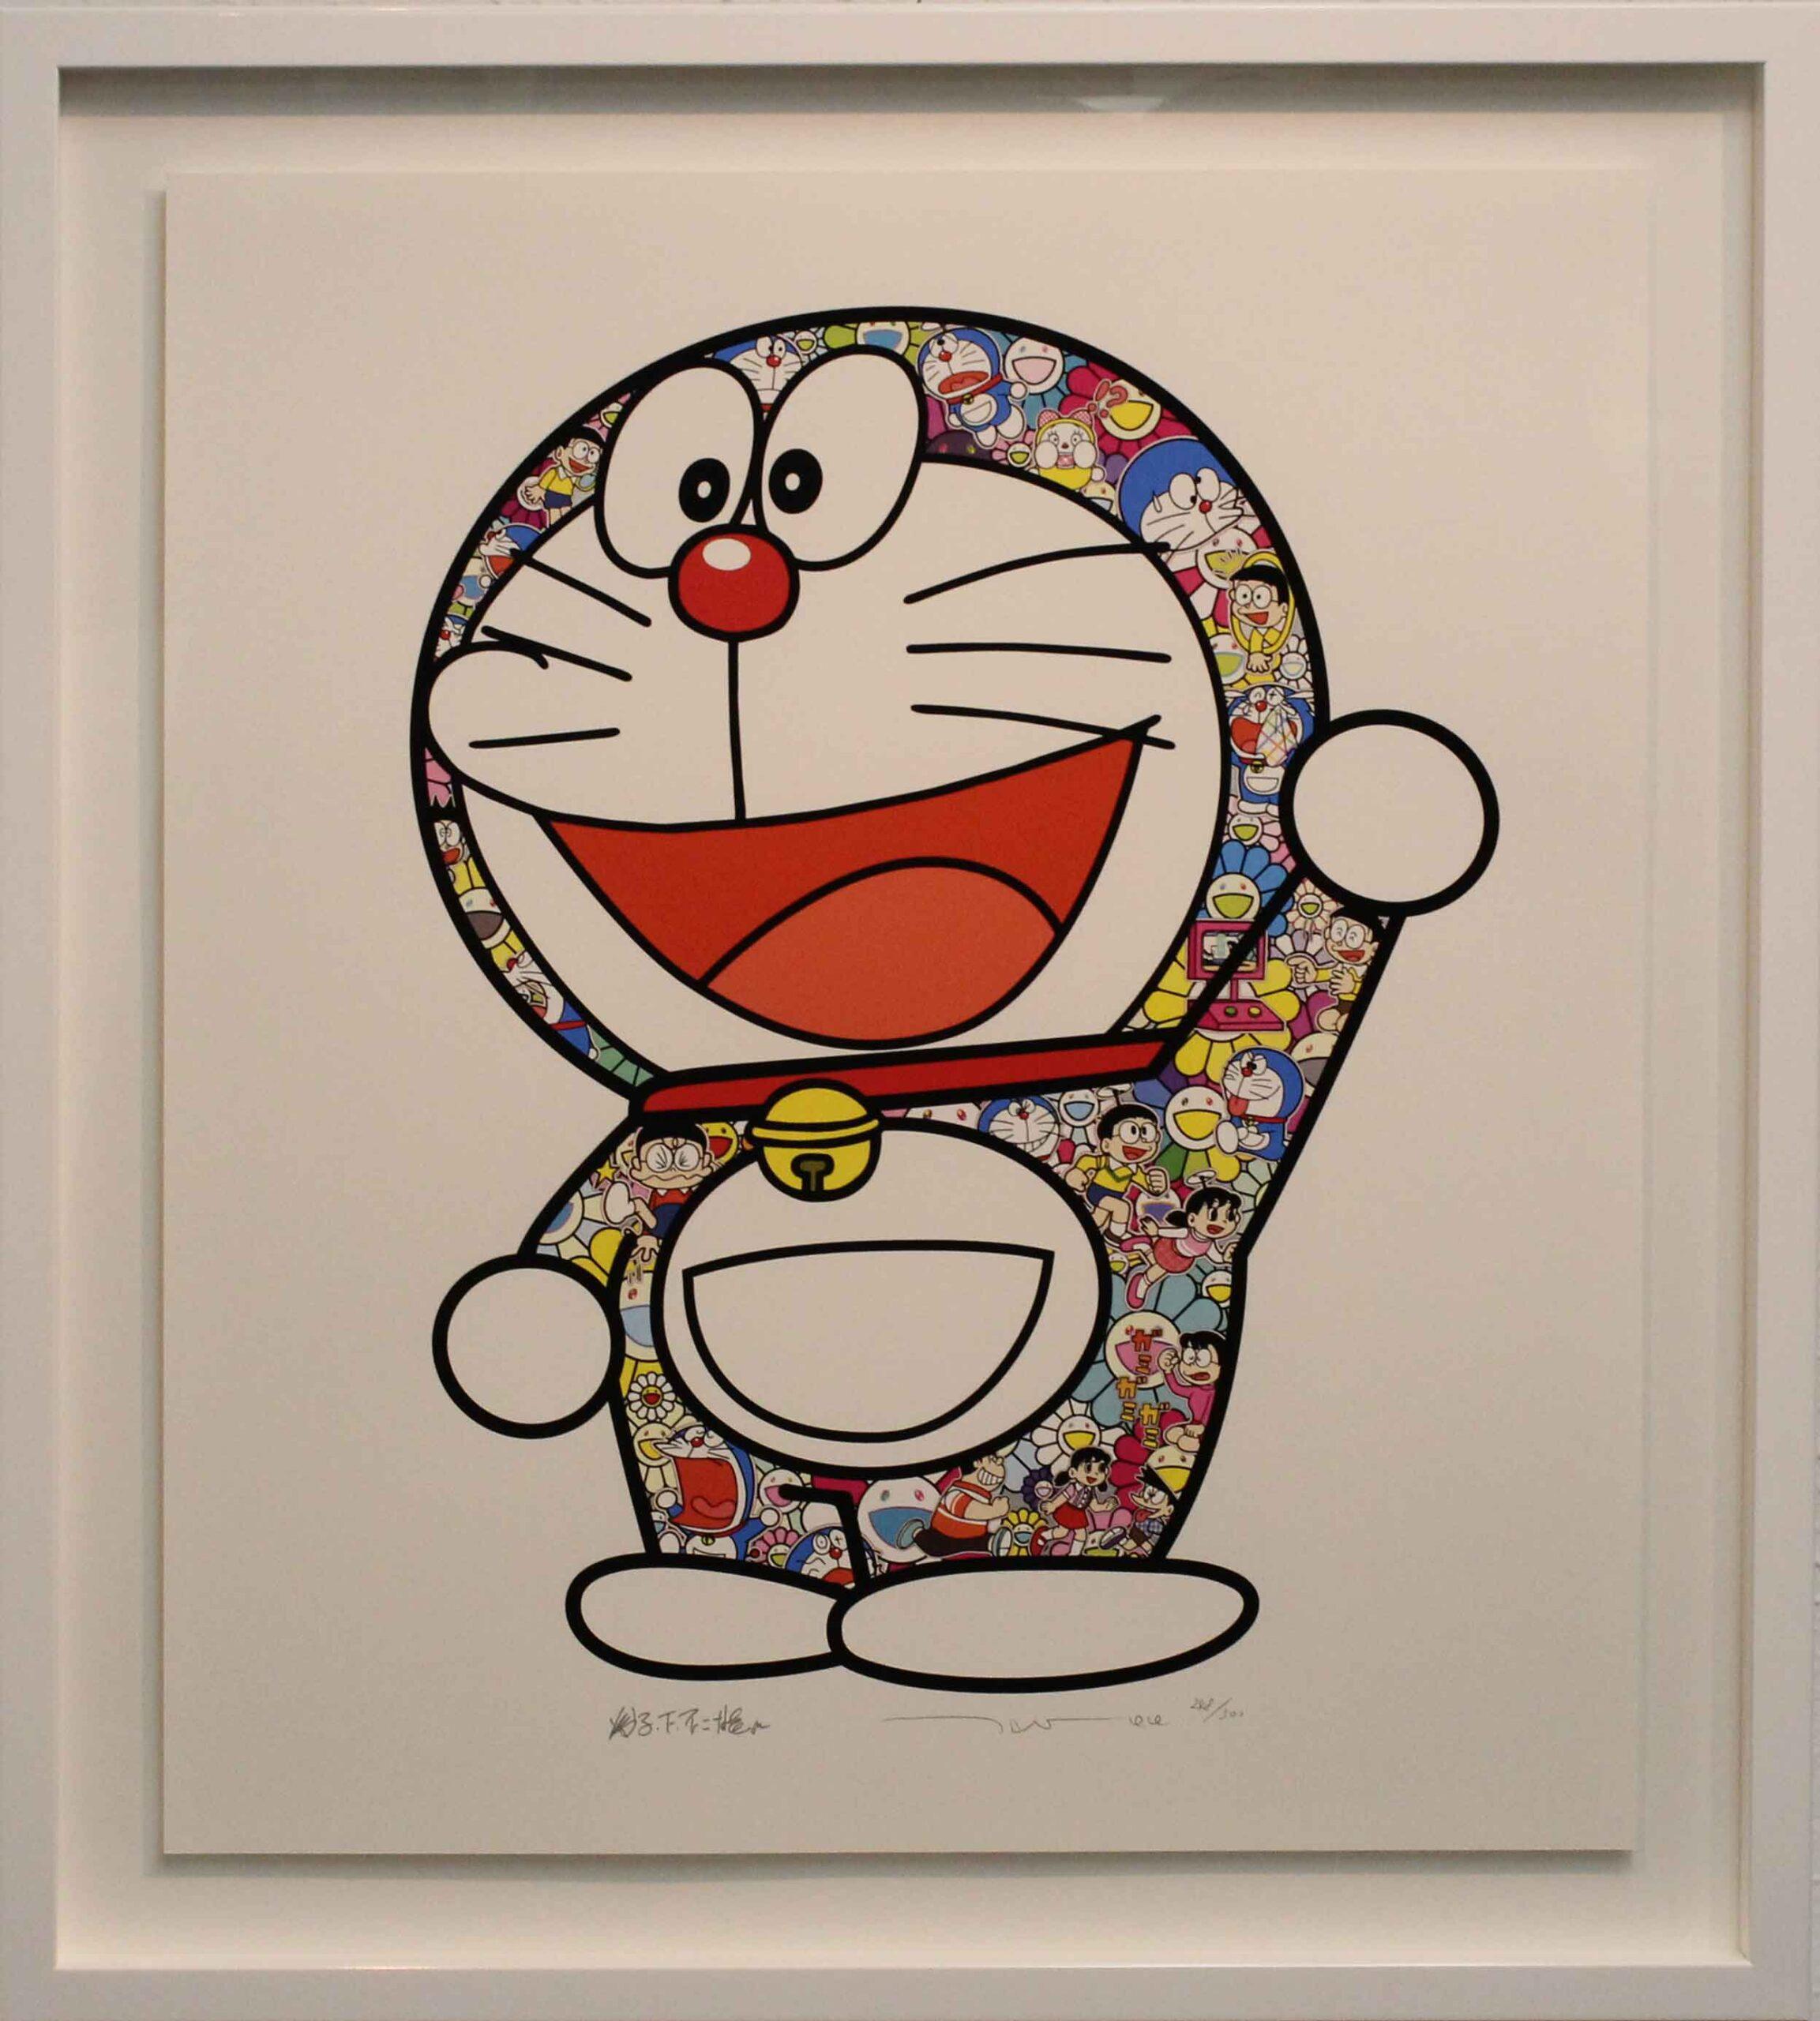 ドラえもん、さあ!行くぞ! (Doraemon Here we go!)